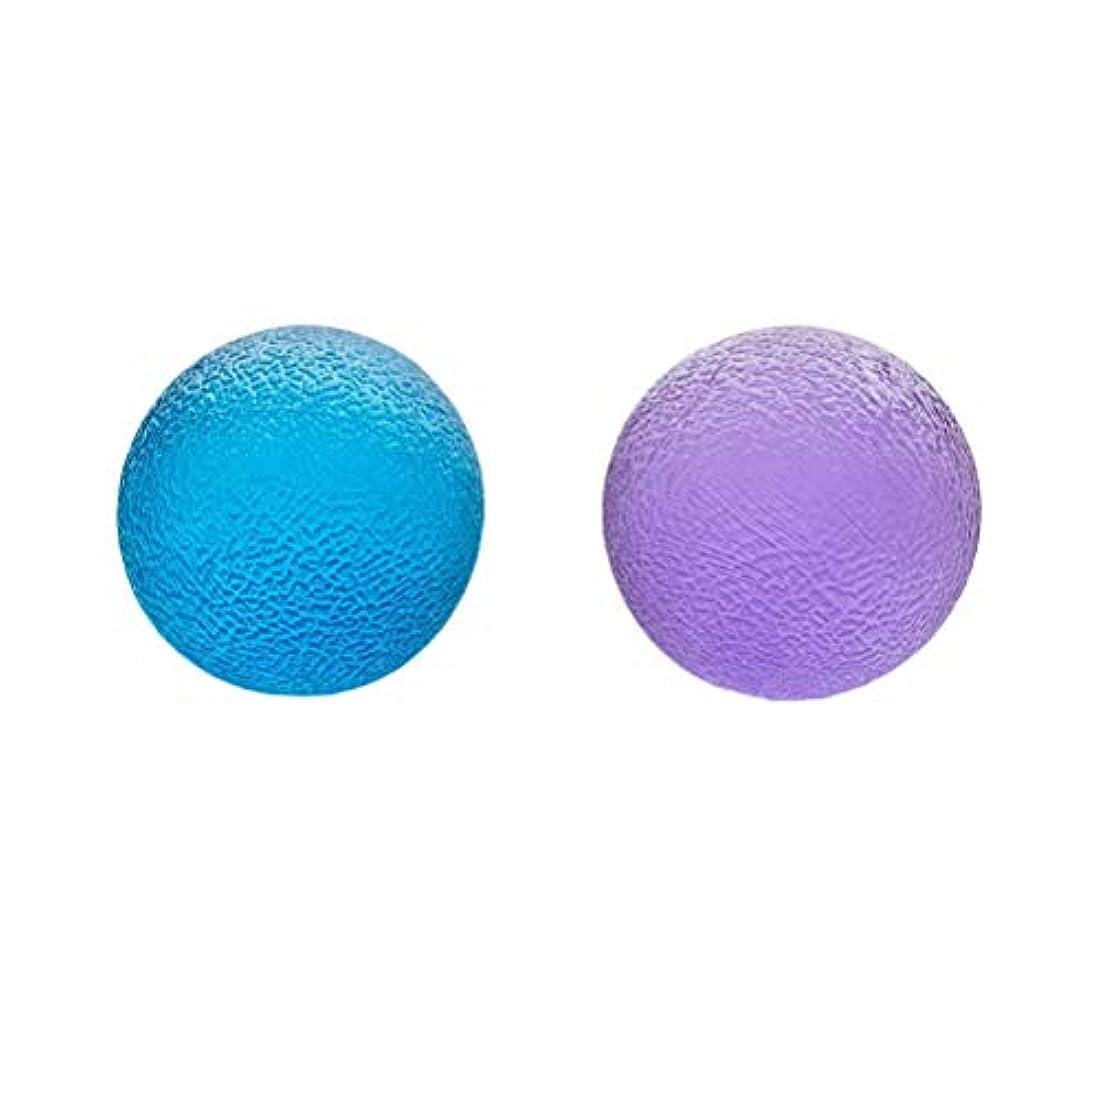 評判移動クラッシュHealifty ハンドストレスボールセラピーボールストレス解消のためにハンドグリップボールを絞る関節炎の痛みを軽減するセラピー強化治療2個(青と紫)